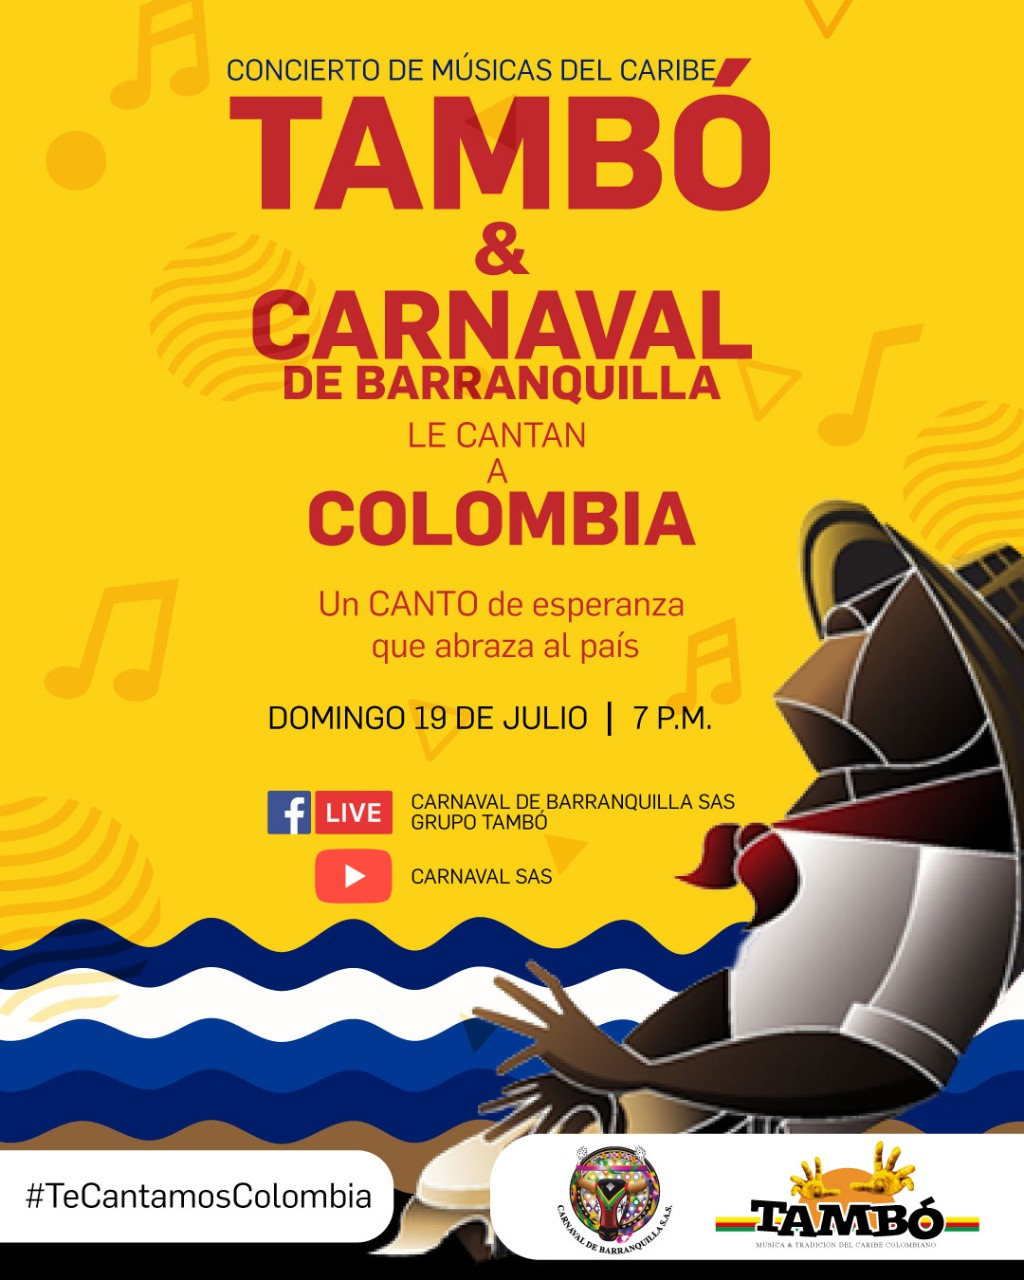 Tambó y Carnaval de Barranquilla le cantan a Colombia